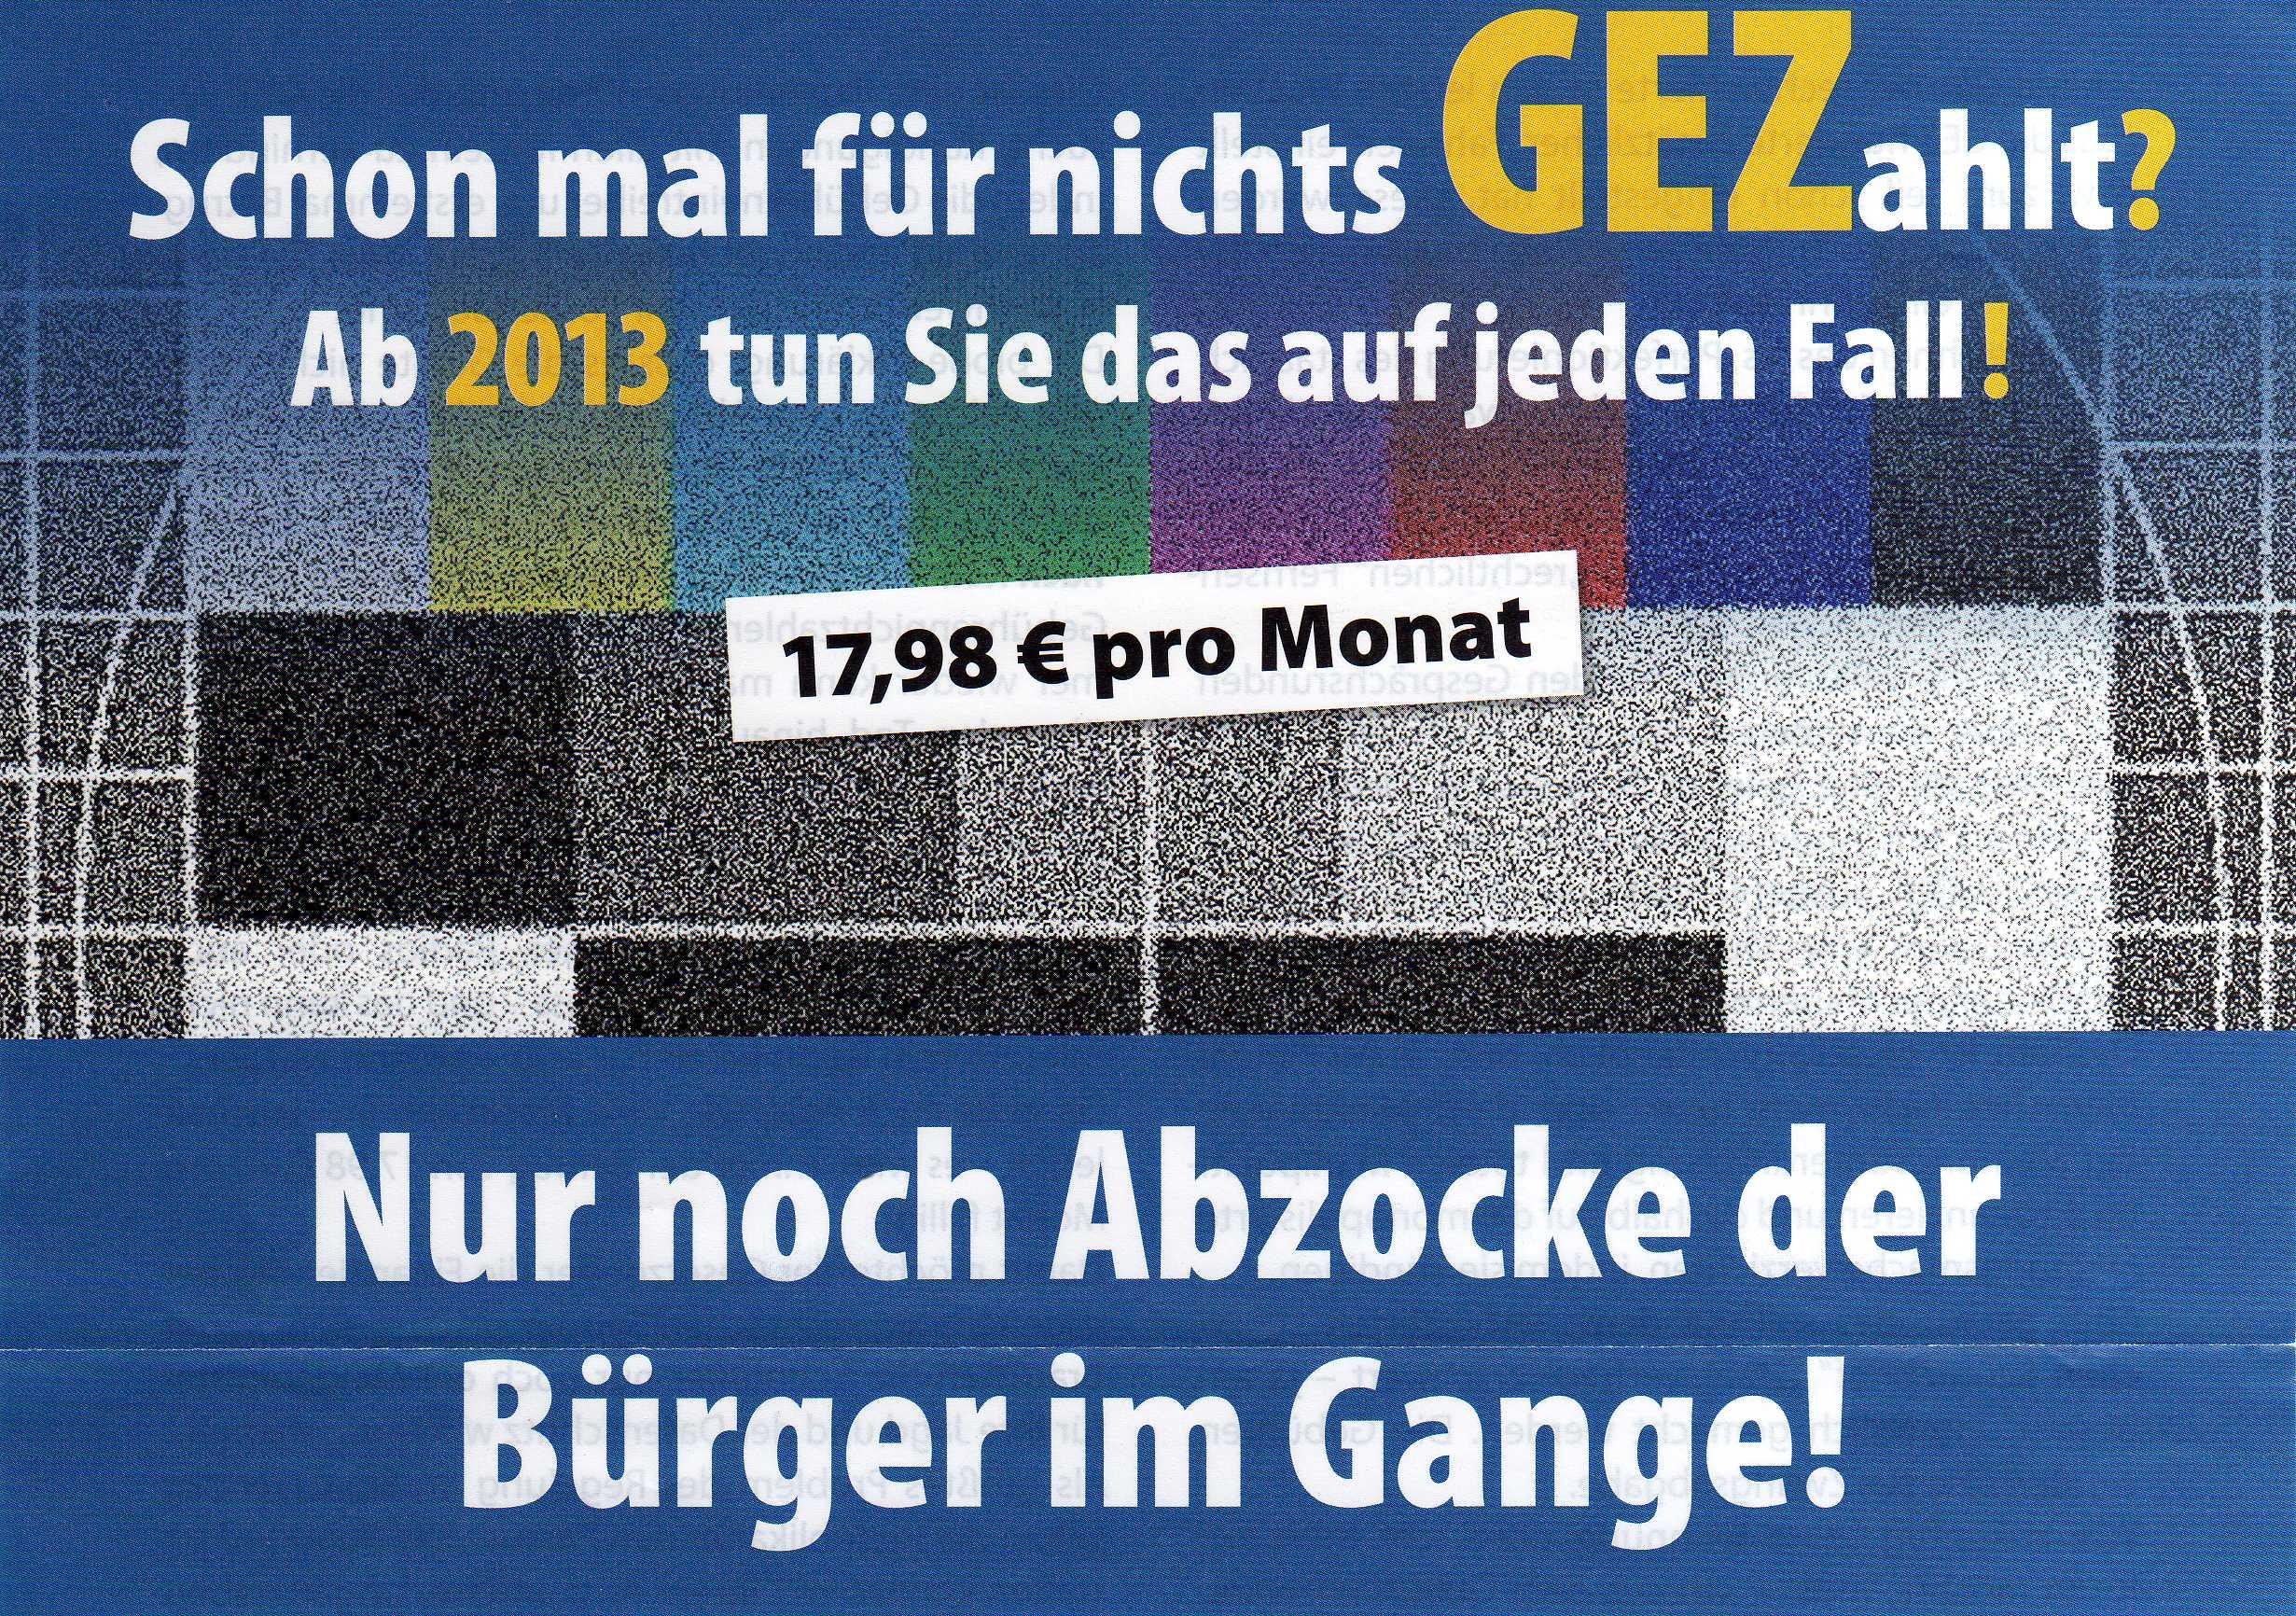 hpfixseparat_gez_abzocke001